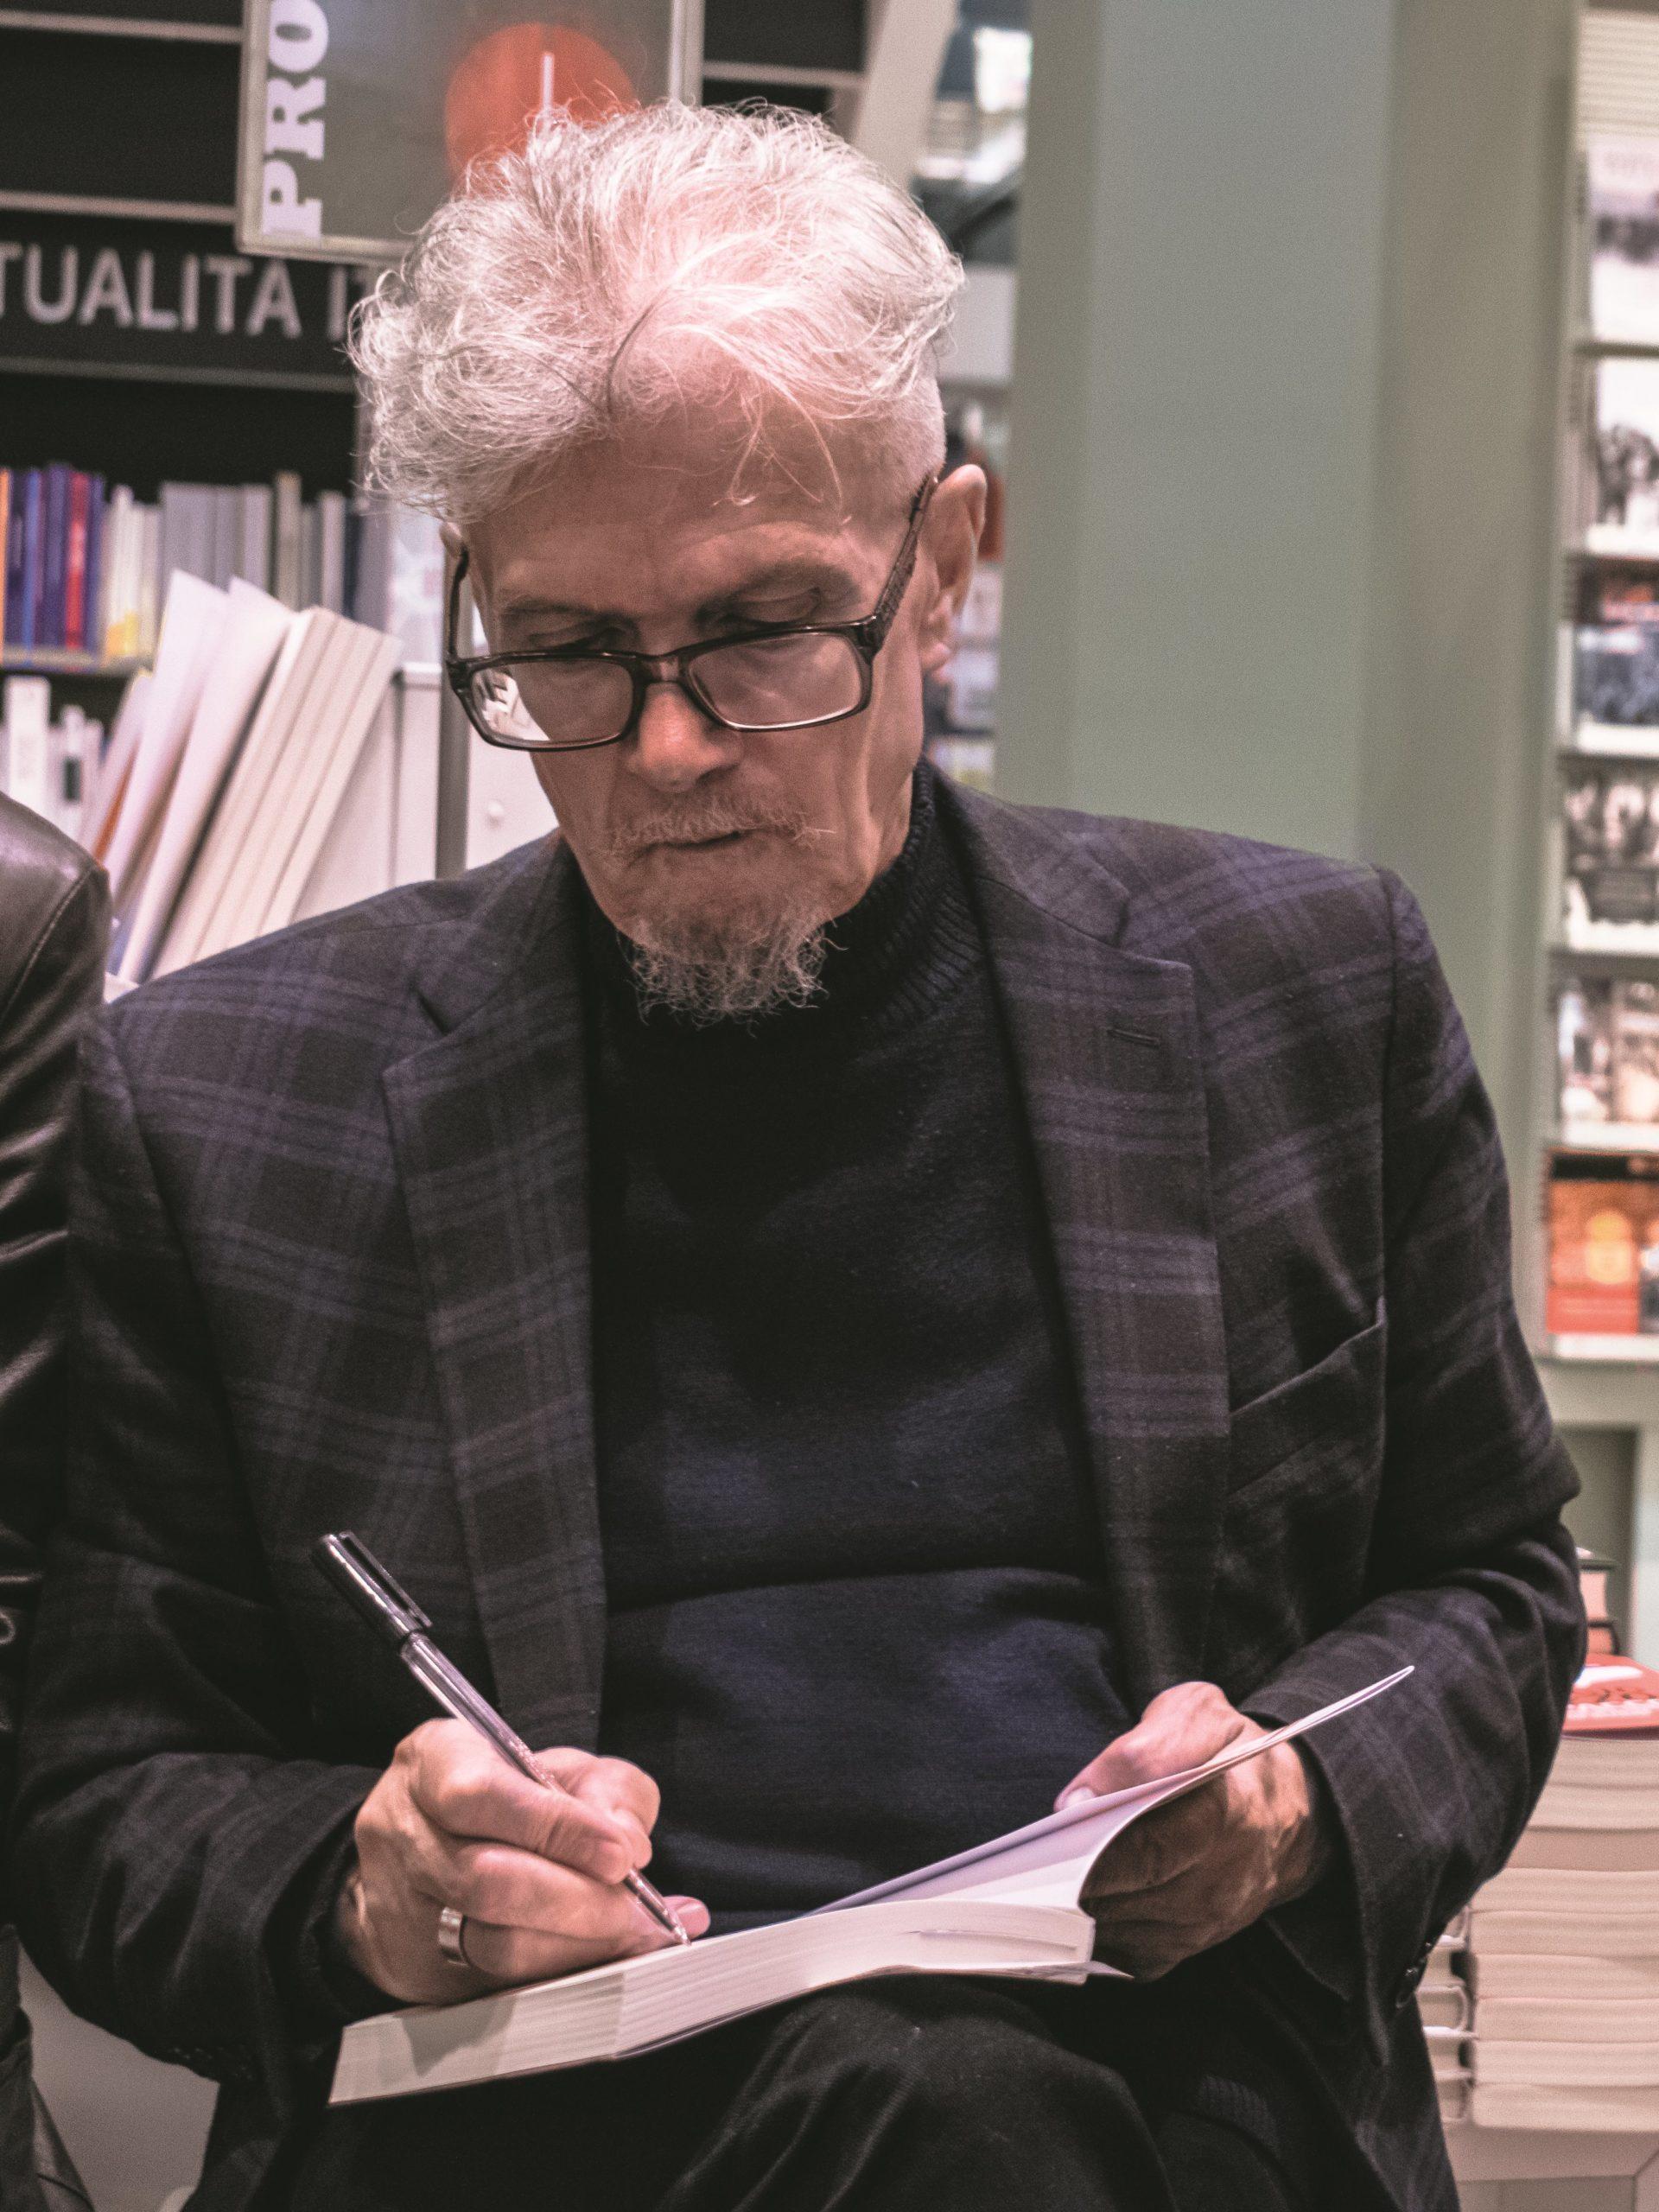 """Presentazione del libro di Eduard Limonov """"Zona industriale"""" presso IBS+Libraccio a Roma. Il firmacopie di E. Limonov."""